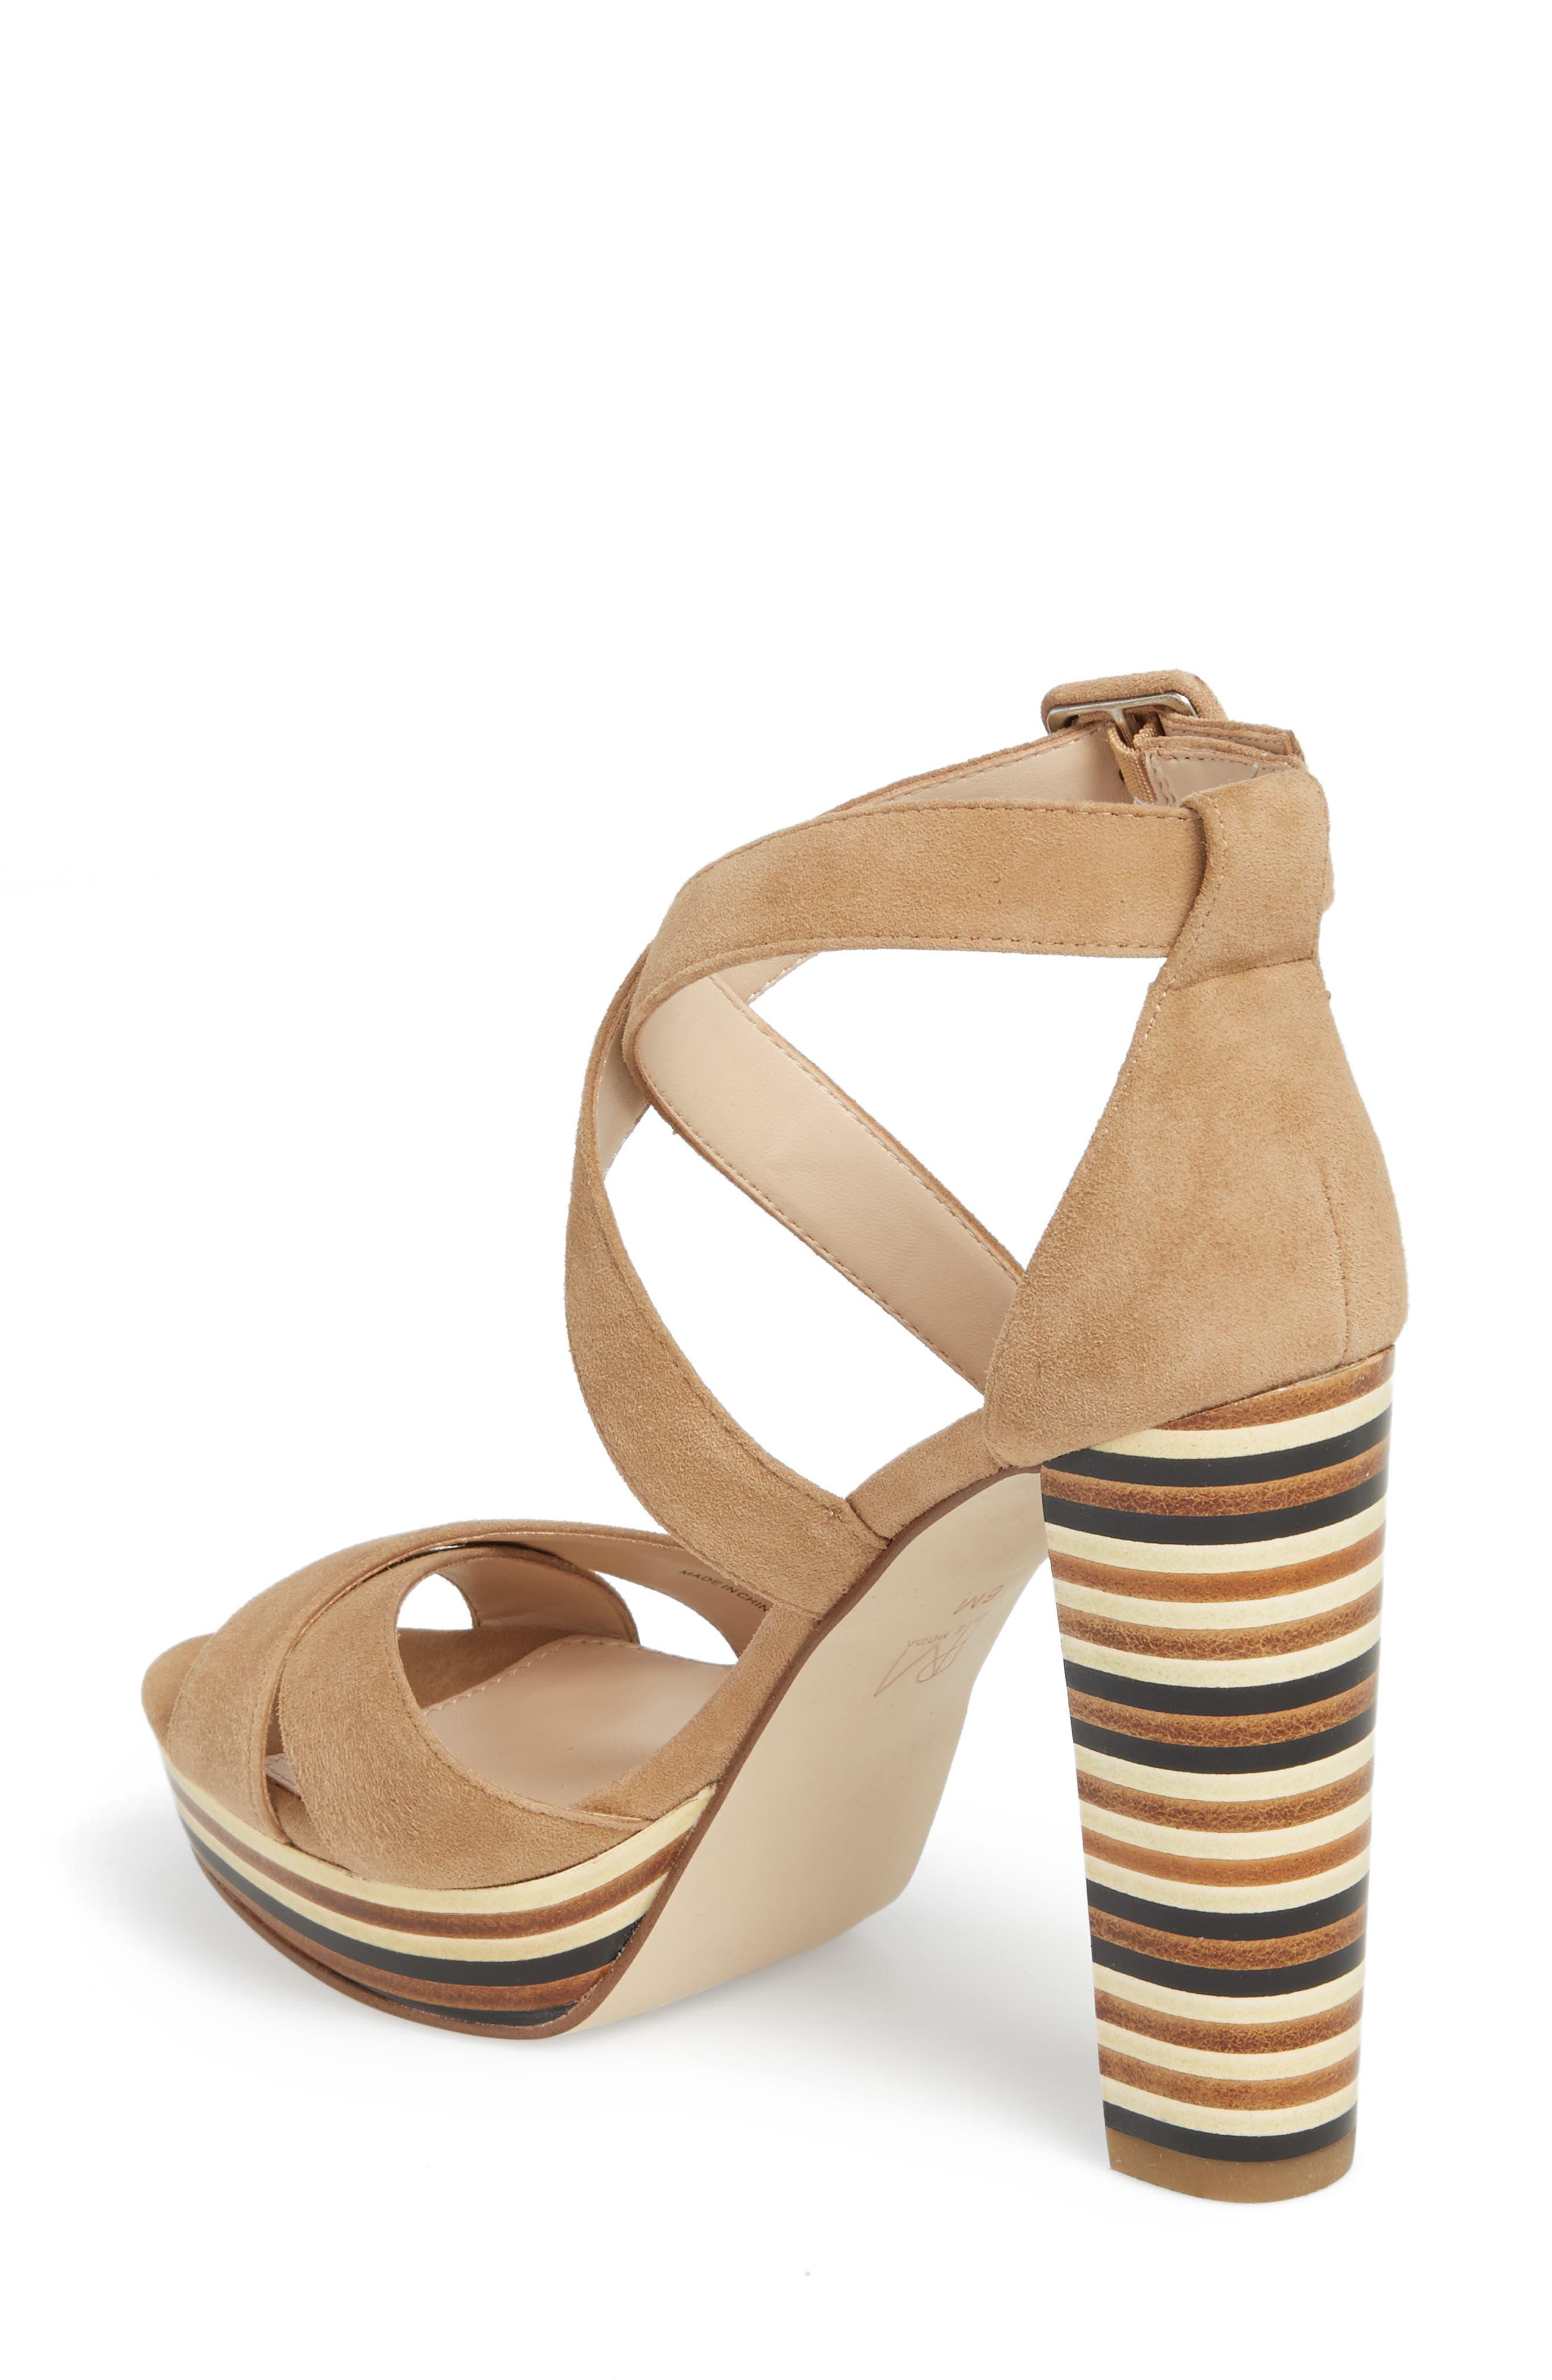 Panama Platform Sandal,                             Alternate thumbnail 2, color,                             LATTE SUEDE